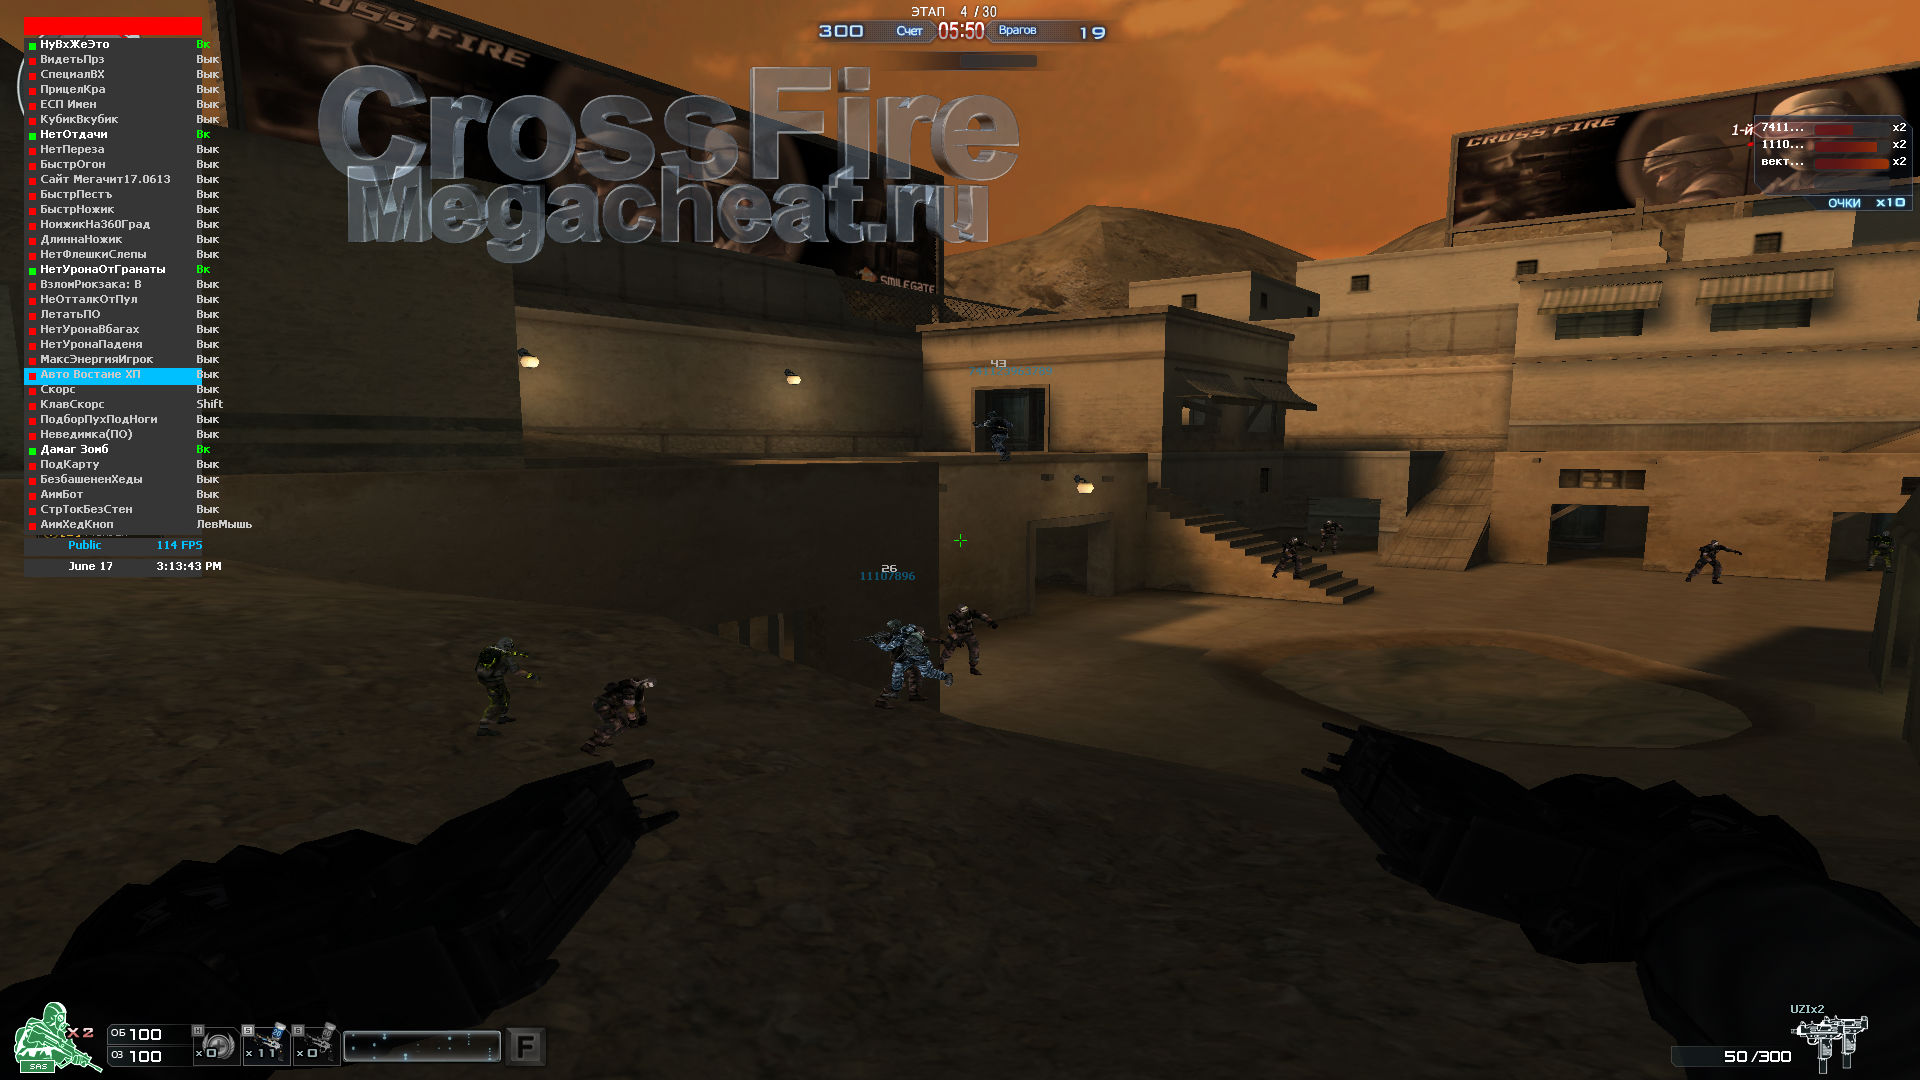 D3D PRO Mtga Damag для crossfire vol1